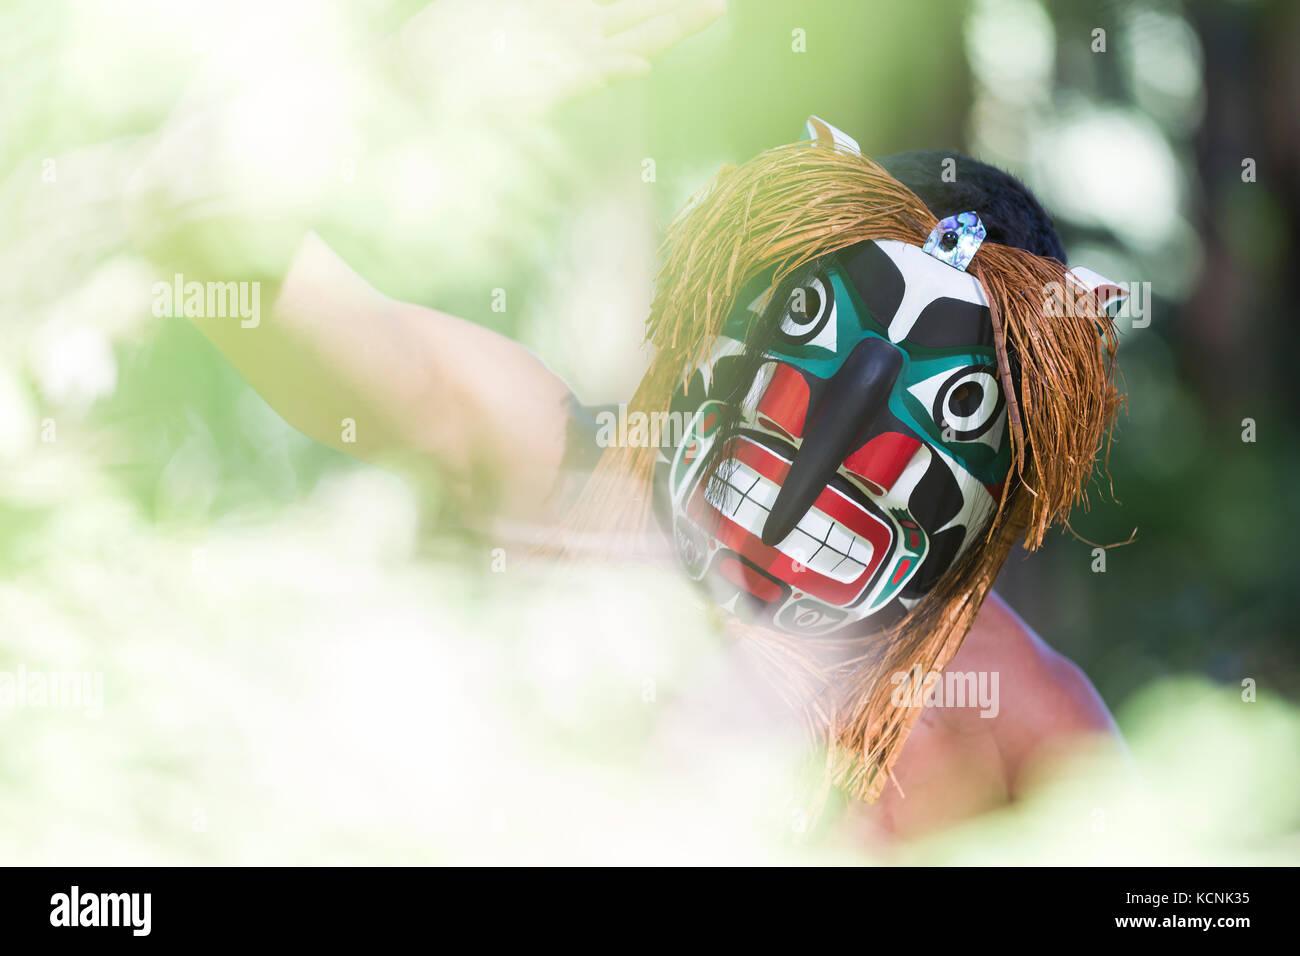 Bukwis, wilde Mann von den Wäldern in den ersten Nationen Lore die Wälder des Pazifischen Nordwesten durchstreift, Stockbild